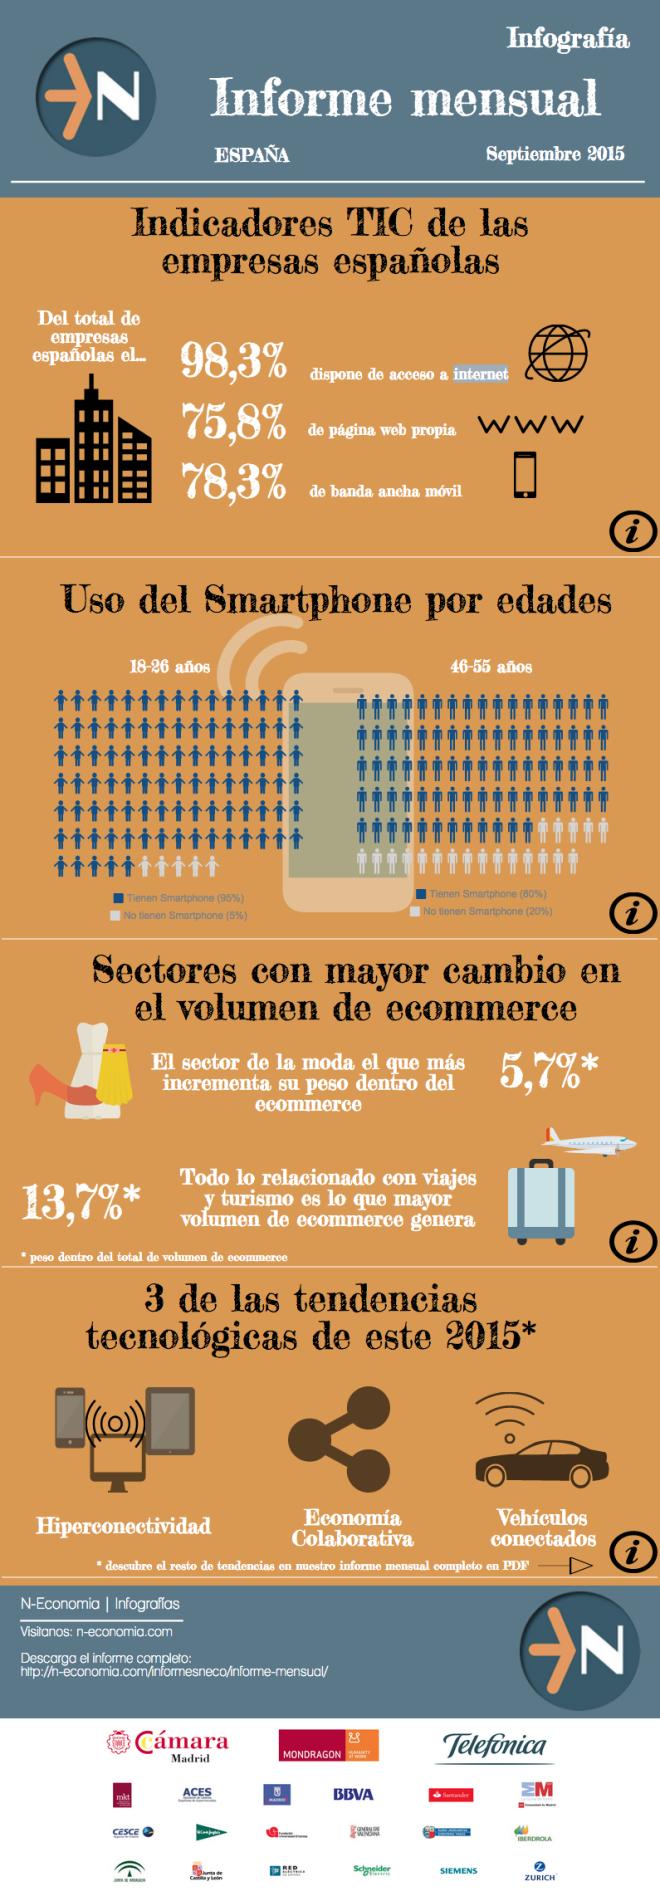 Informe indicadores TIC España septiembre/2015